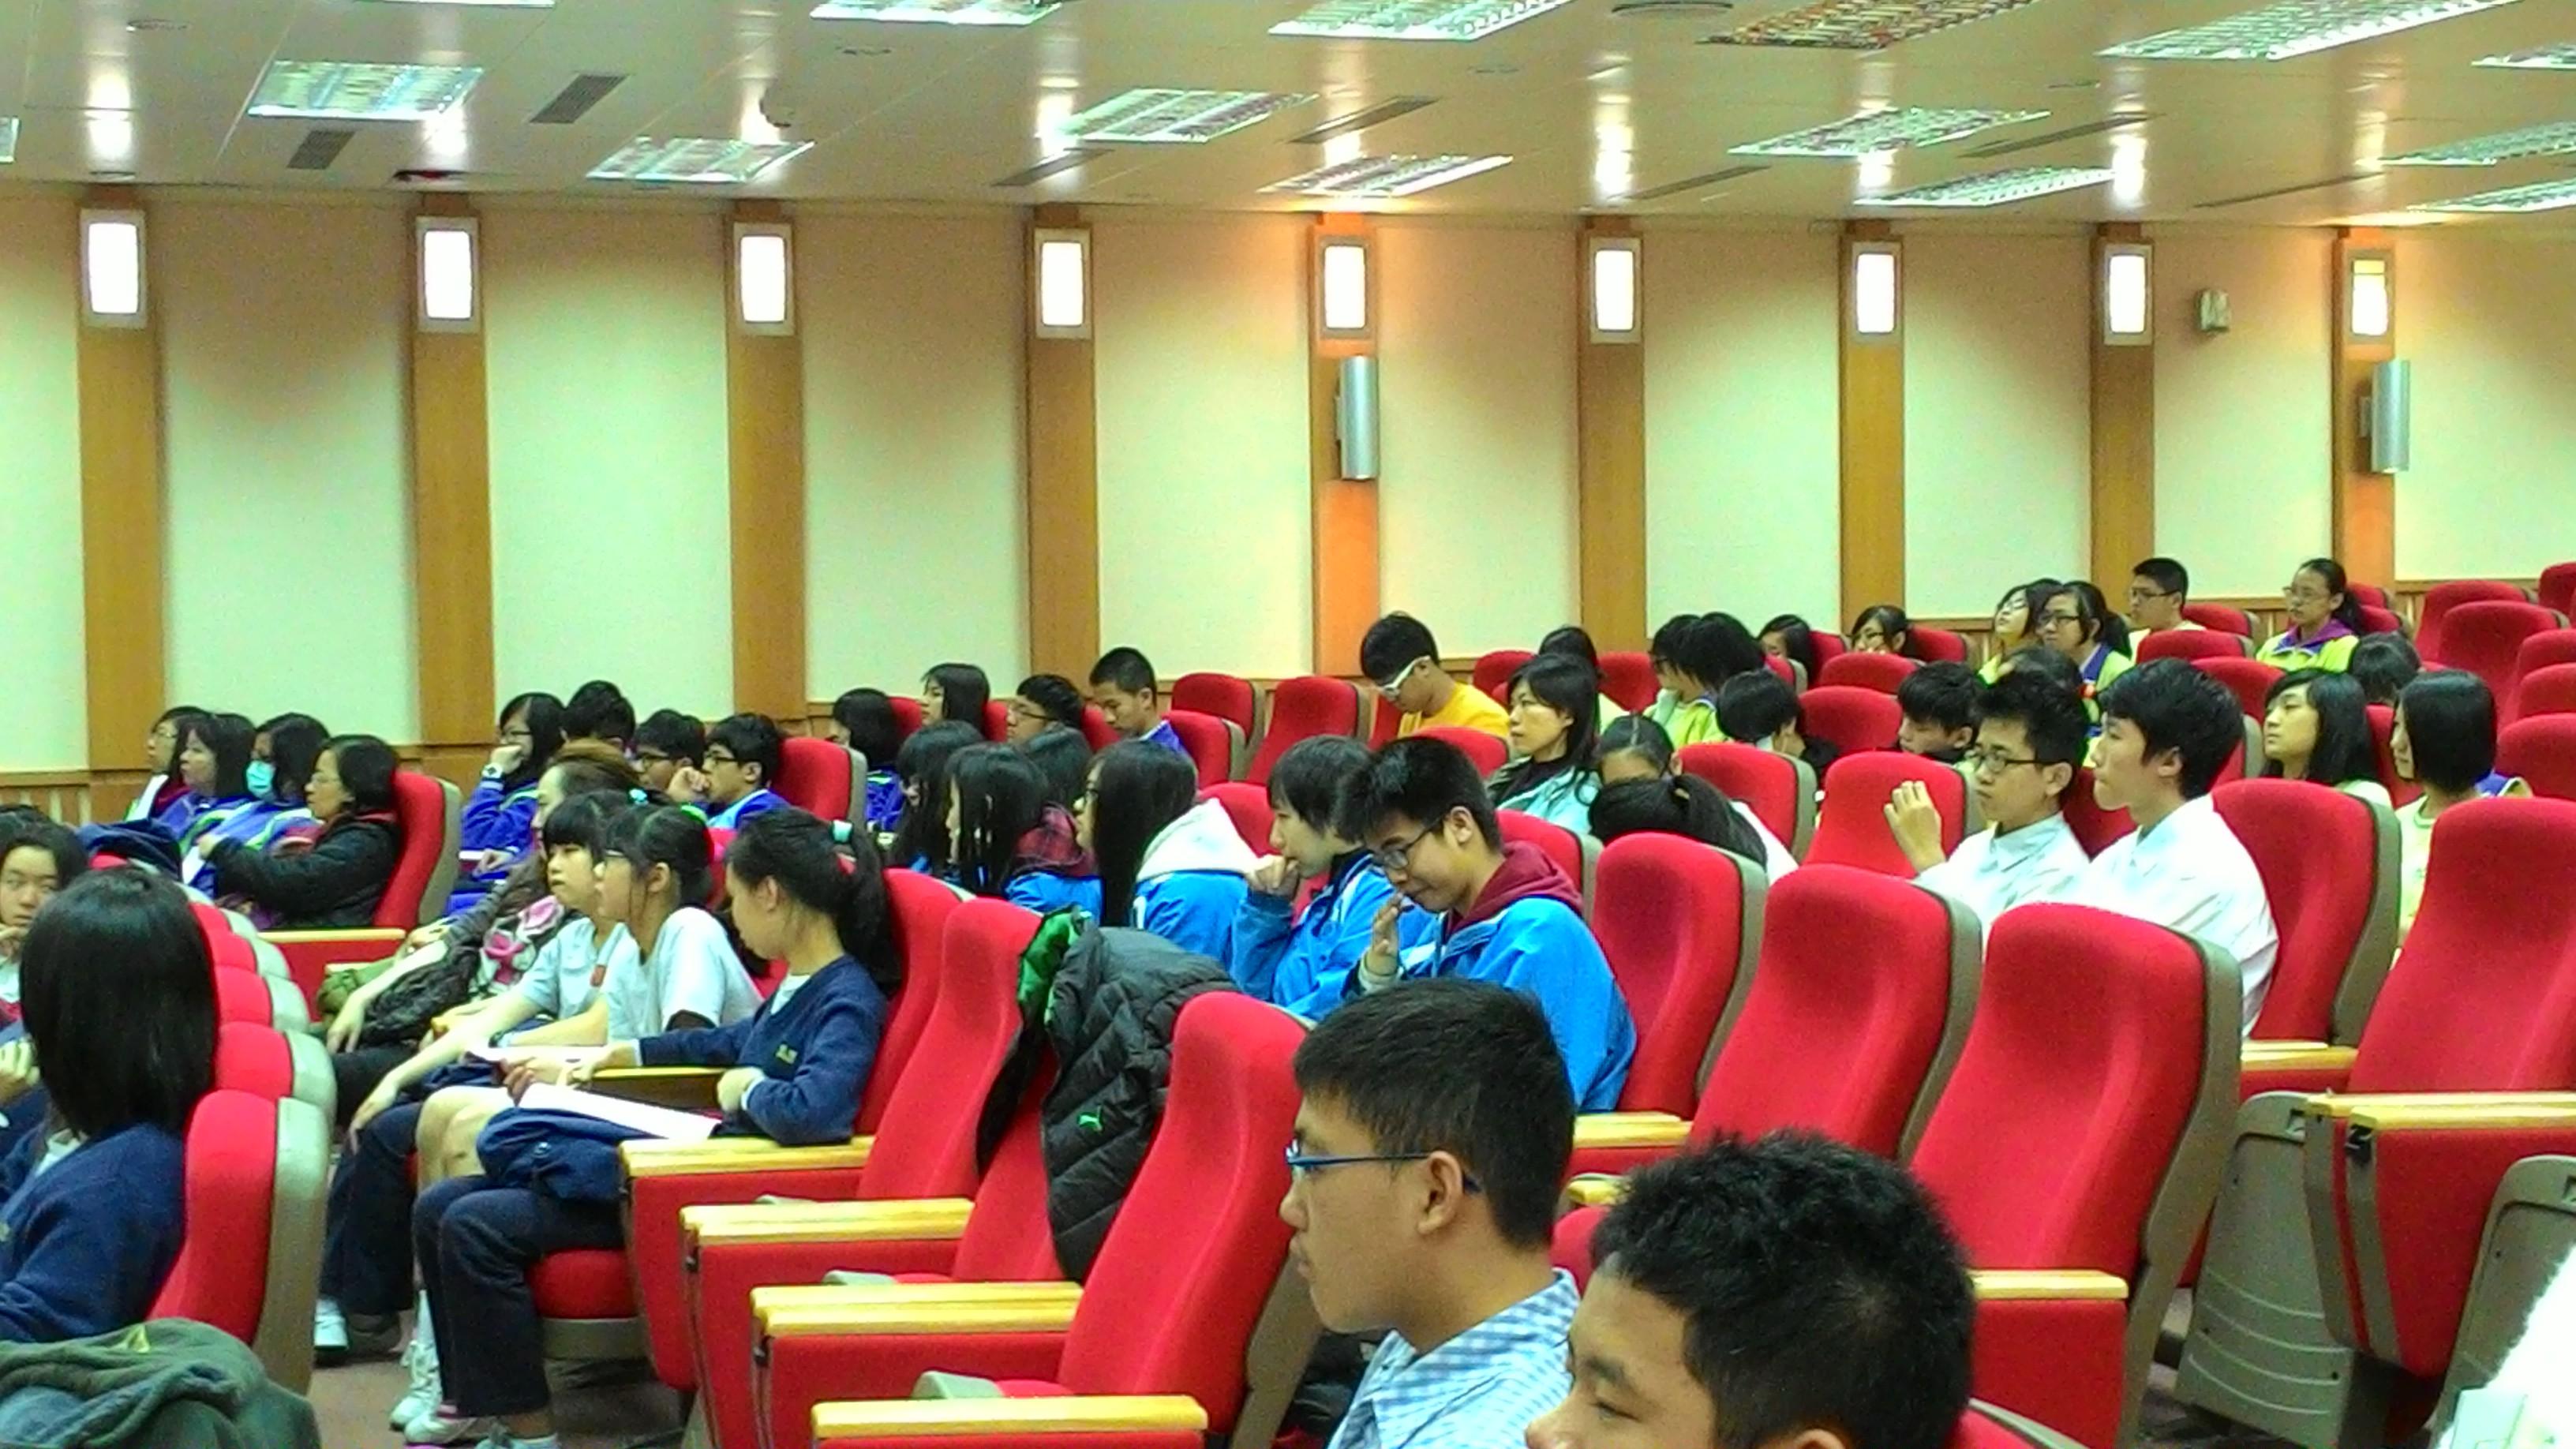 臺北商業大學與學生對談